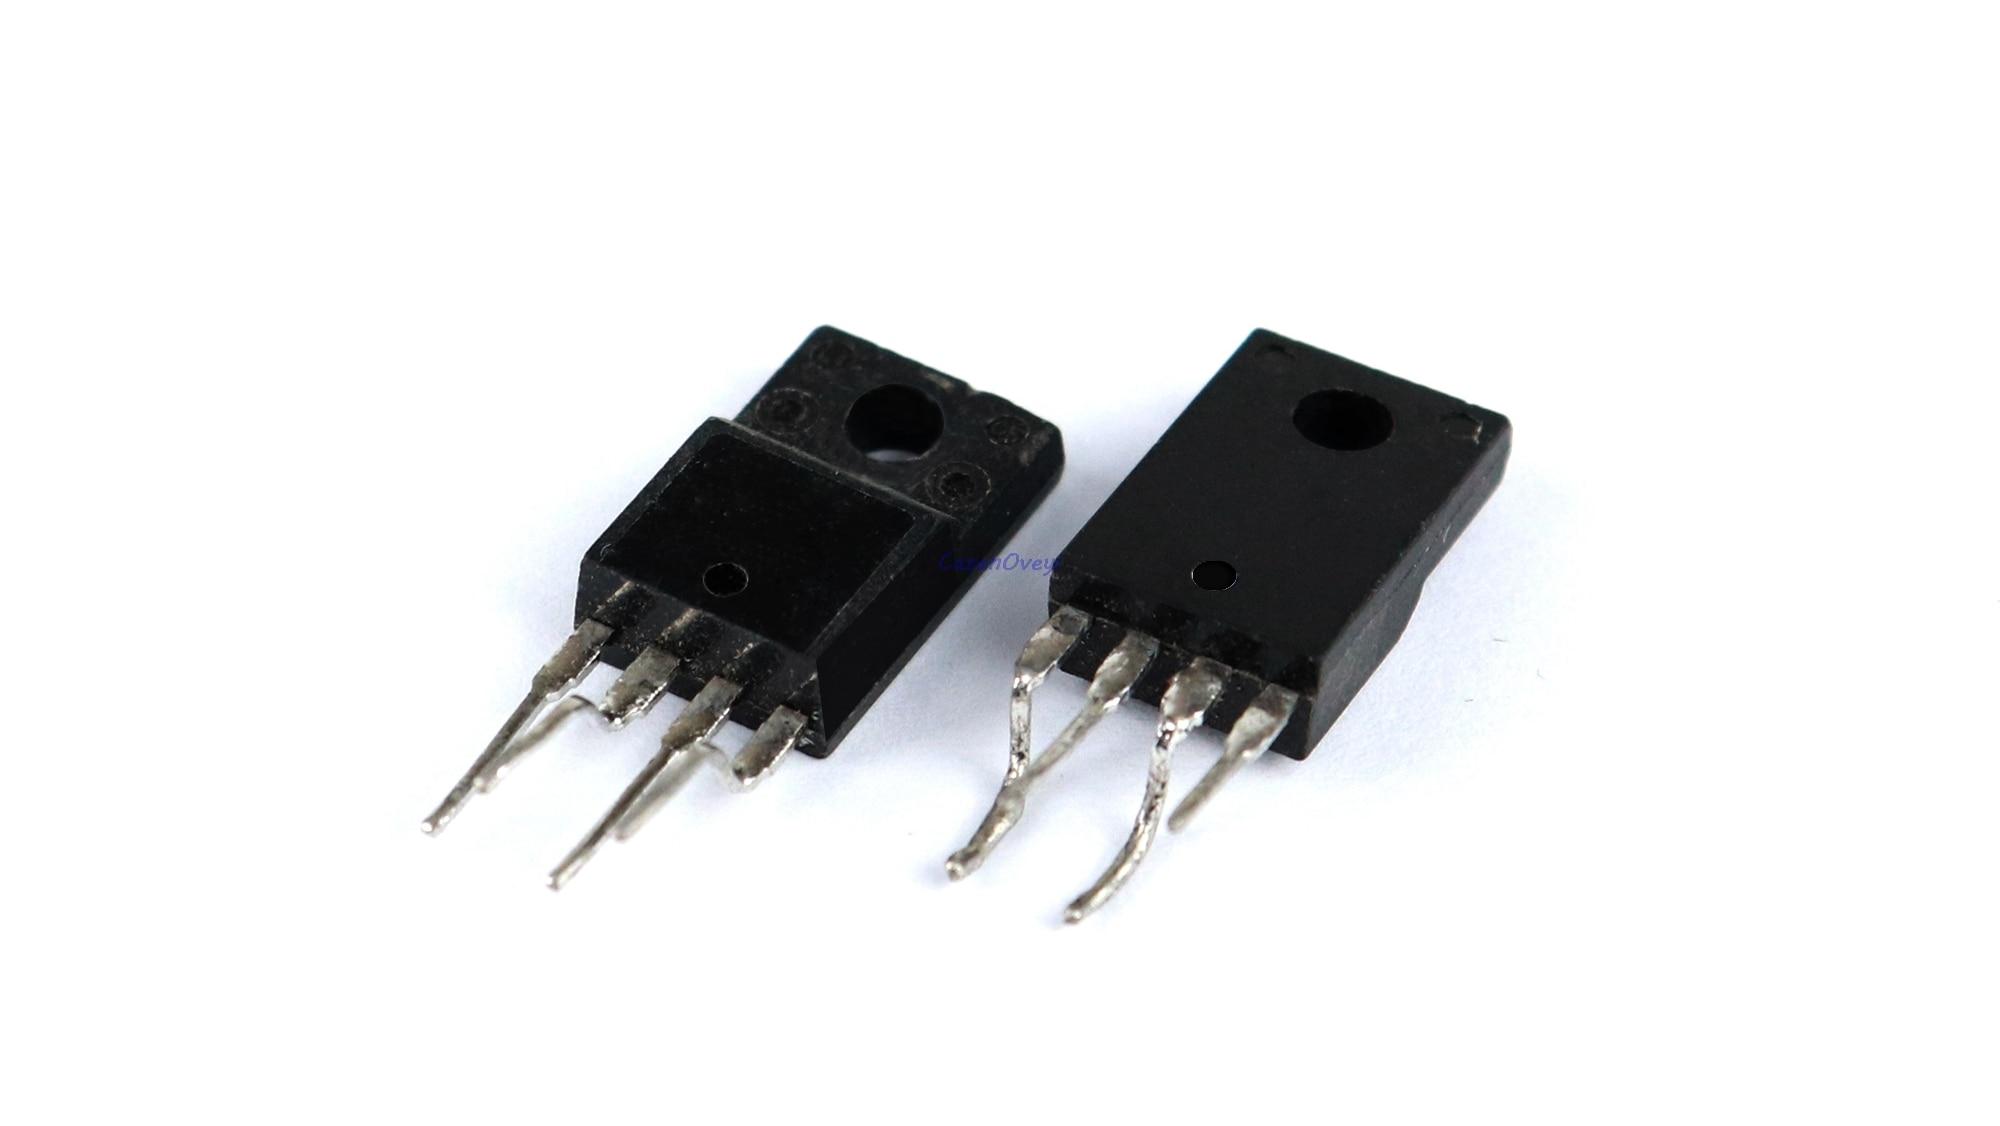 1pcs/lot 5L0380R KA5L0380R TO-220F-4 5L0380 LCD management module chip New Original In Stock1pcs/lot 5L0380R KA5L0380R TO-220F-4 5L0380 LCD management module chip New Original In Stock